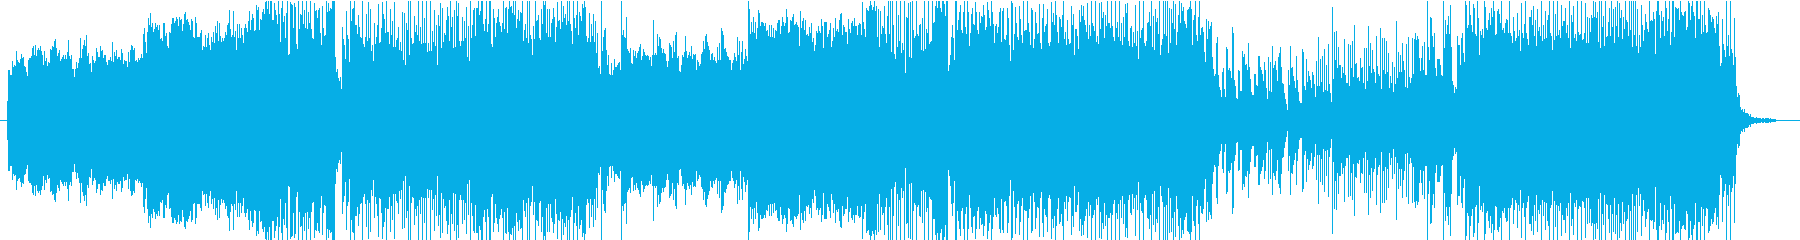 テクノ BGMの再生済みの波形